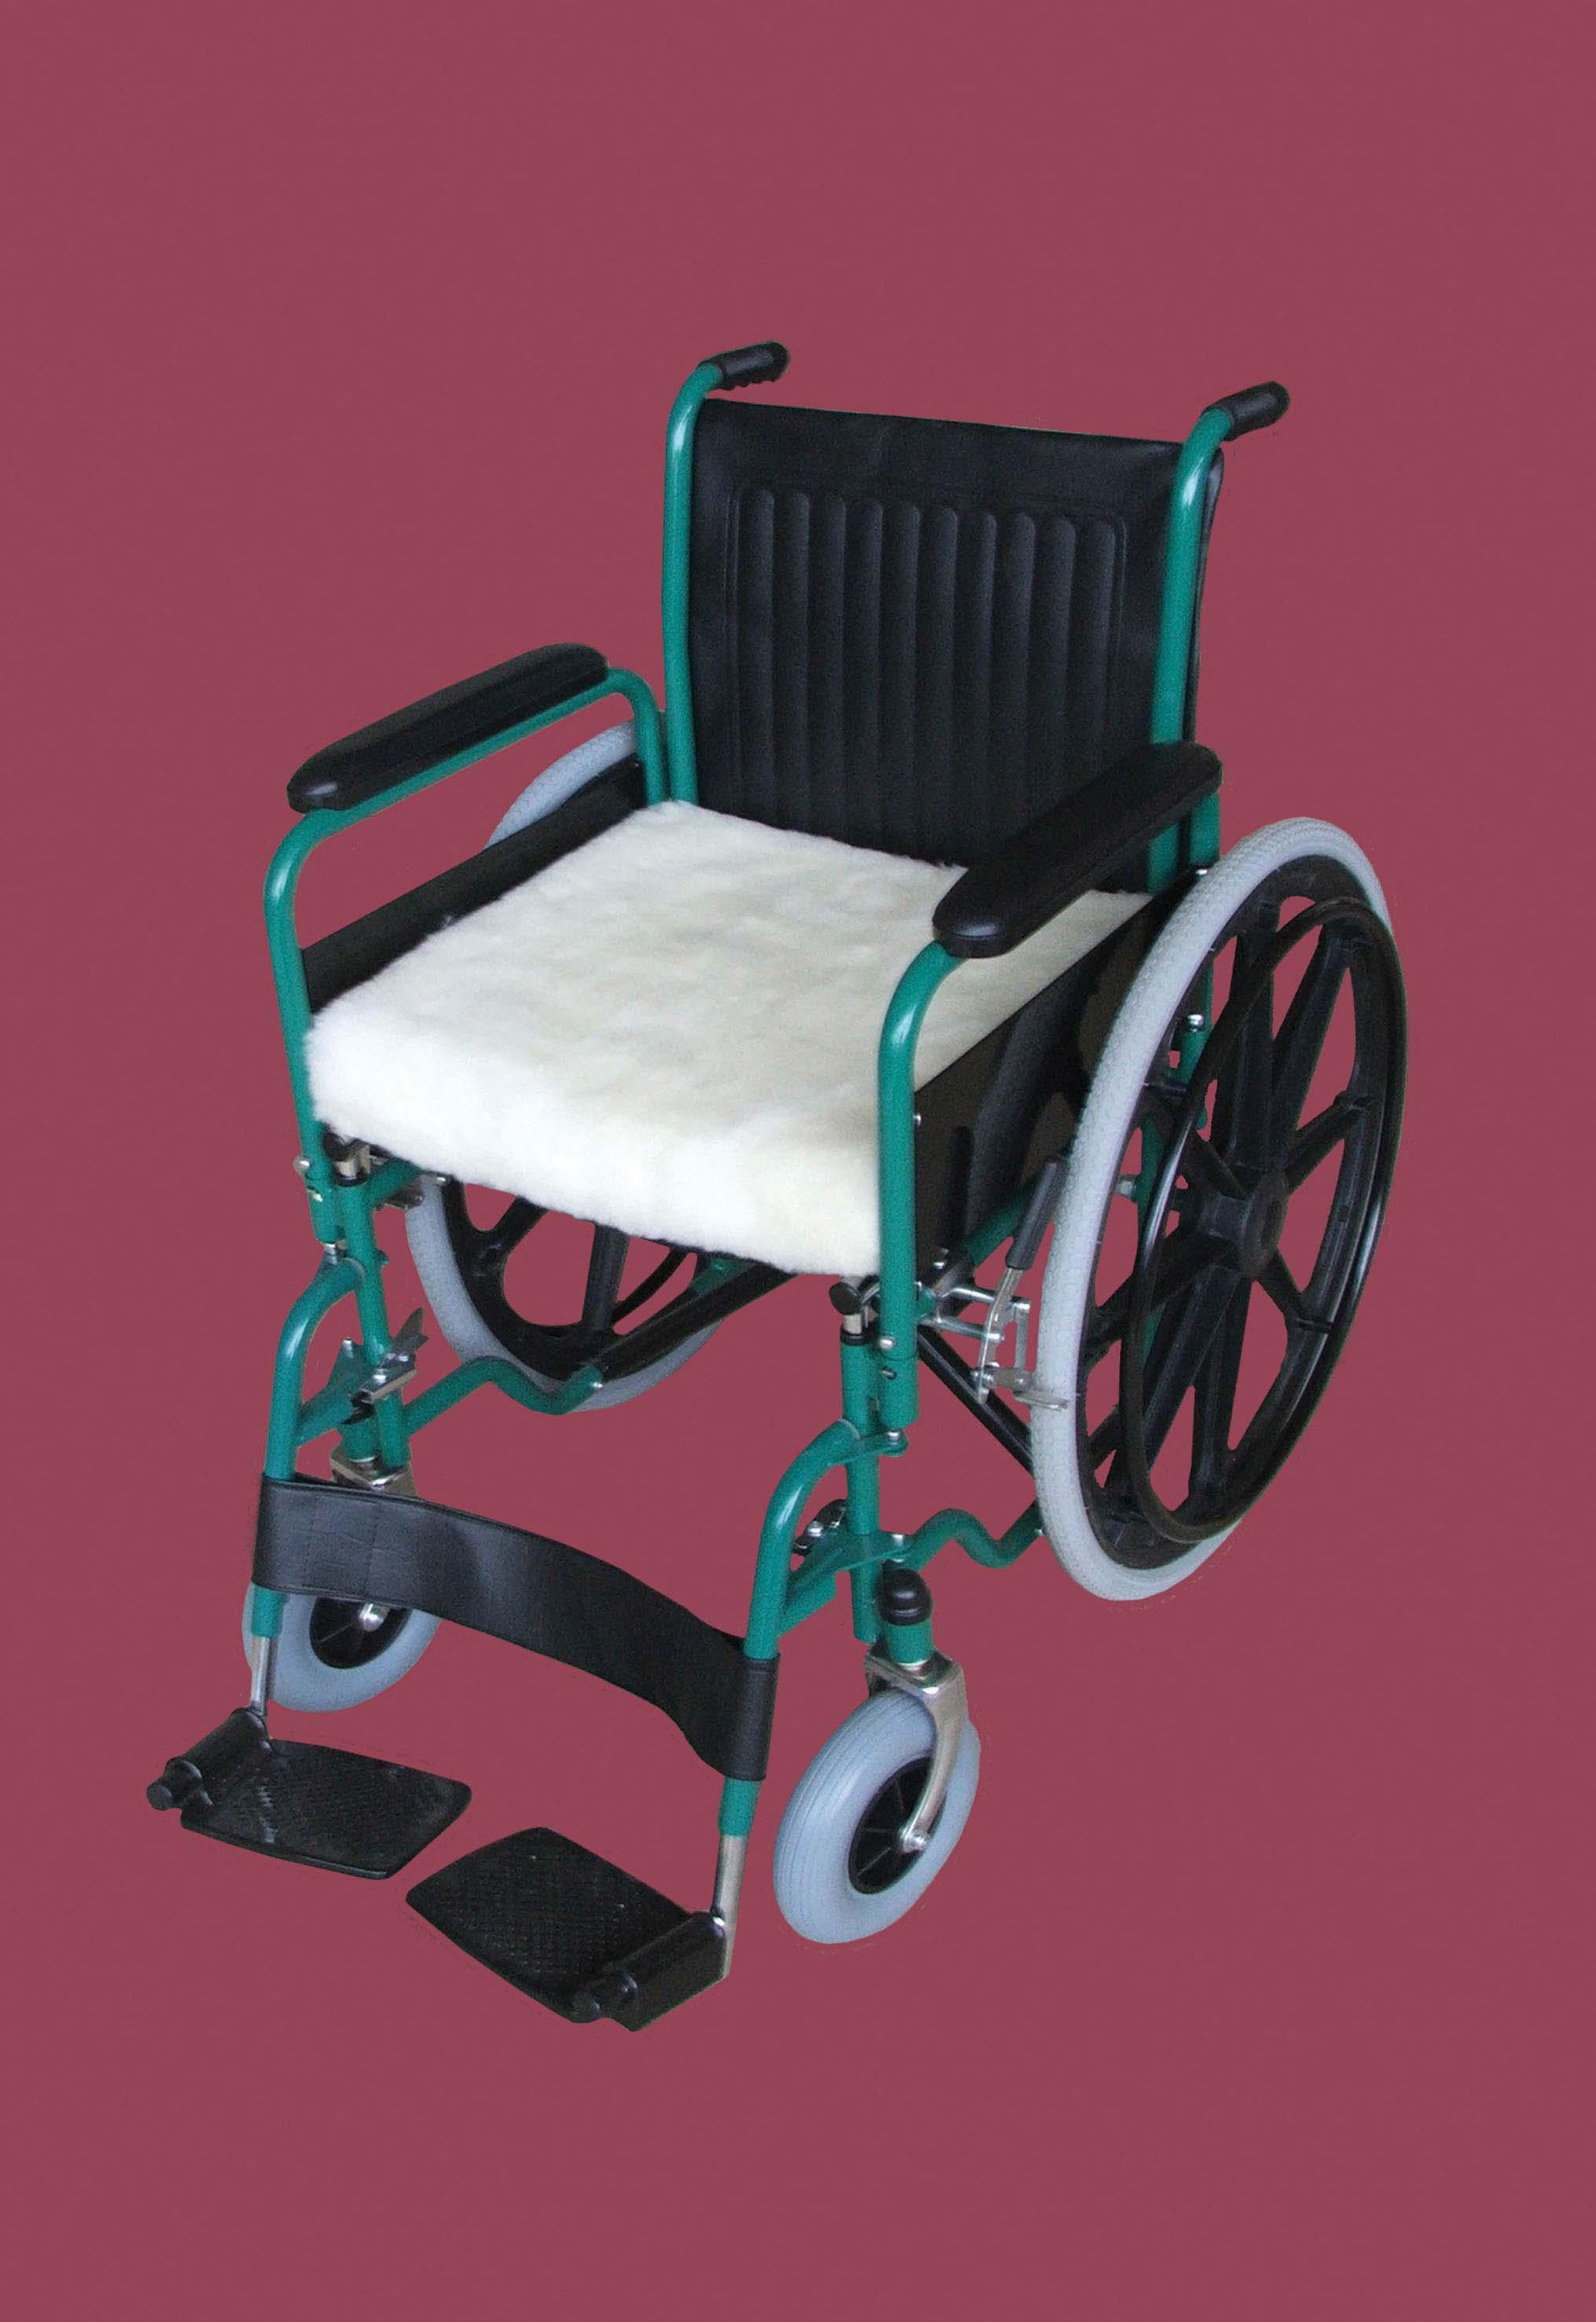 achat coussin pour fauteuil avec laine de mouton. Black Bedroom Furniture Sets. Home Design Ideas